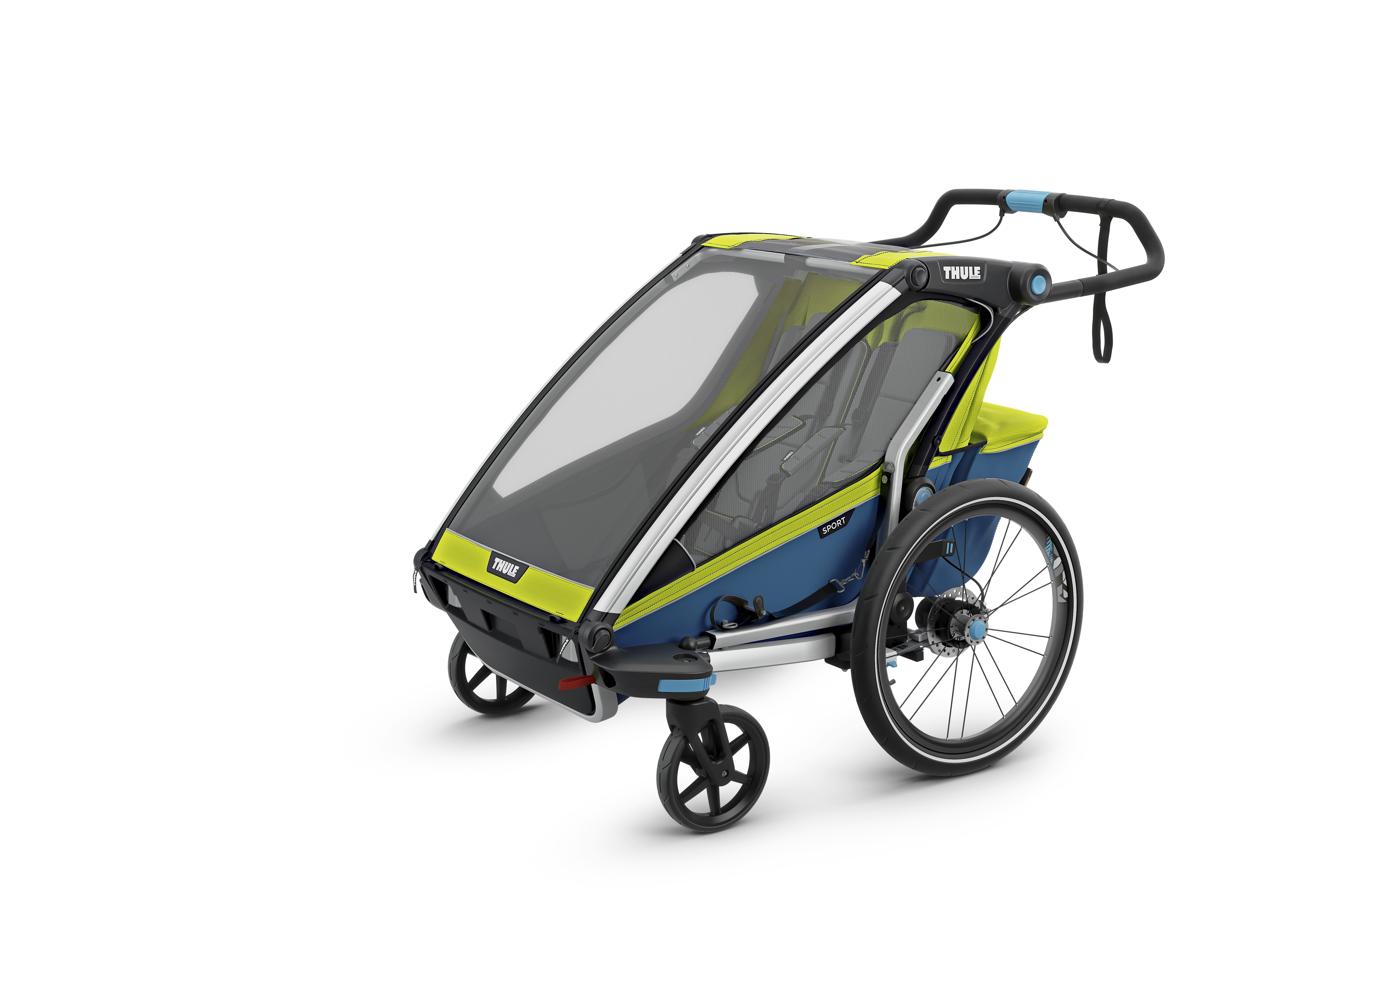 Thule_Chariot_Sport2_Mykonos_Strolling_ISO_10201004